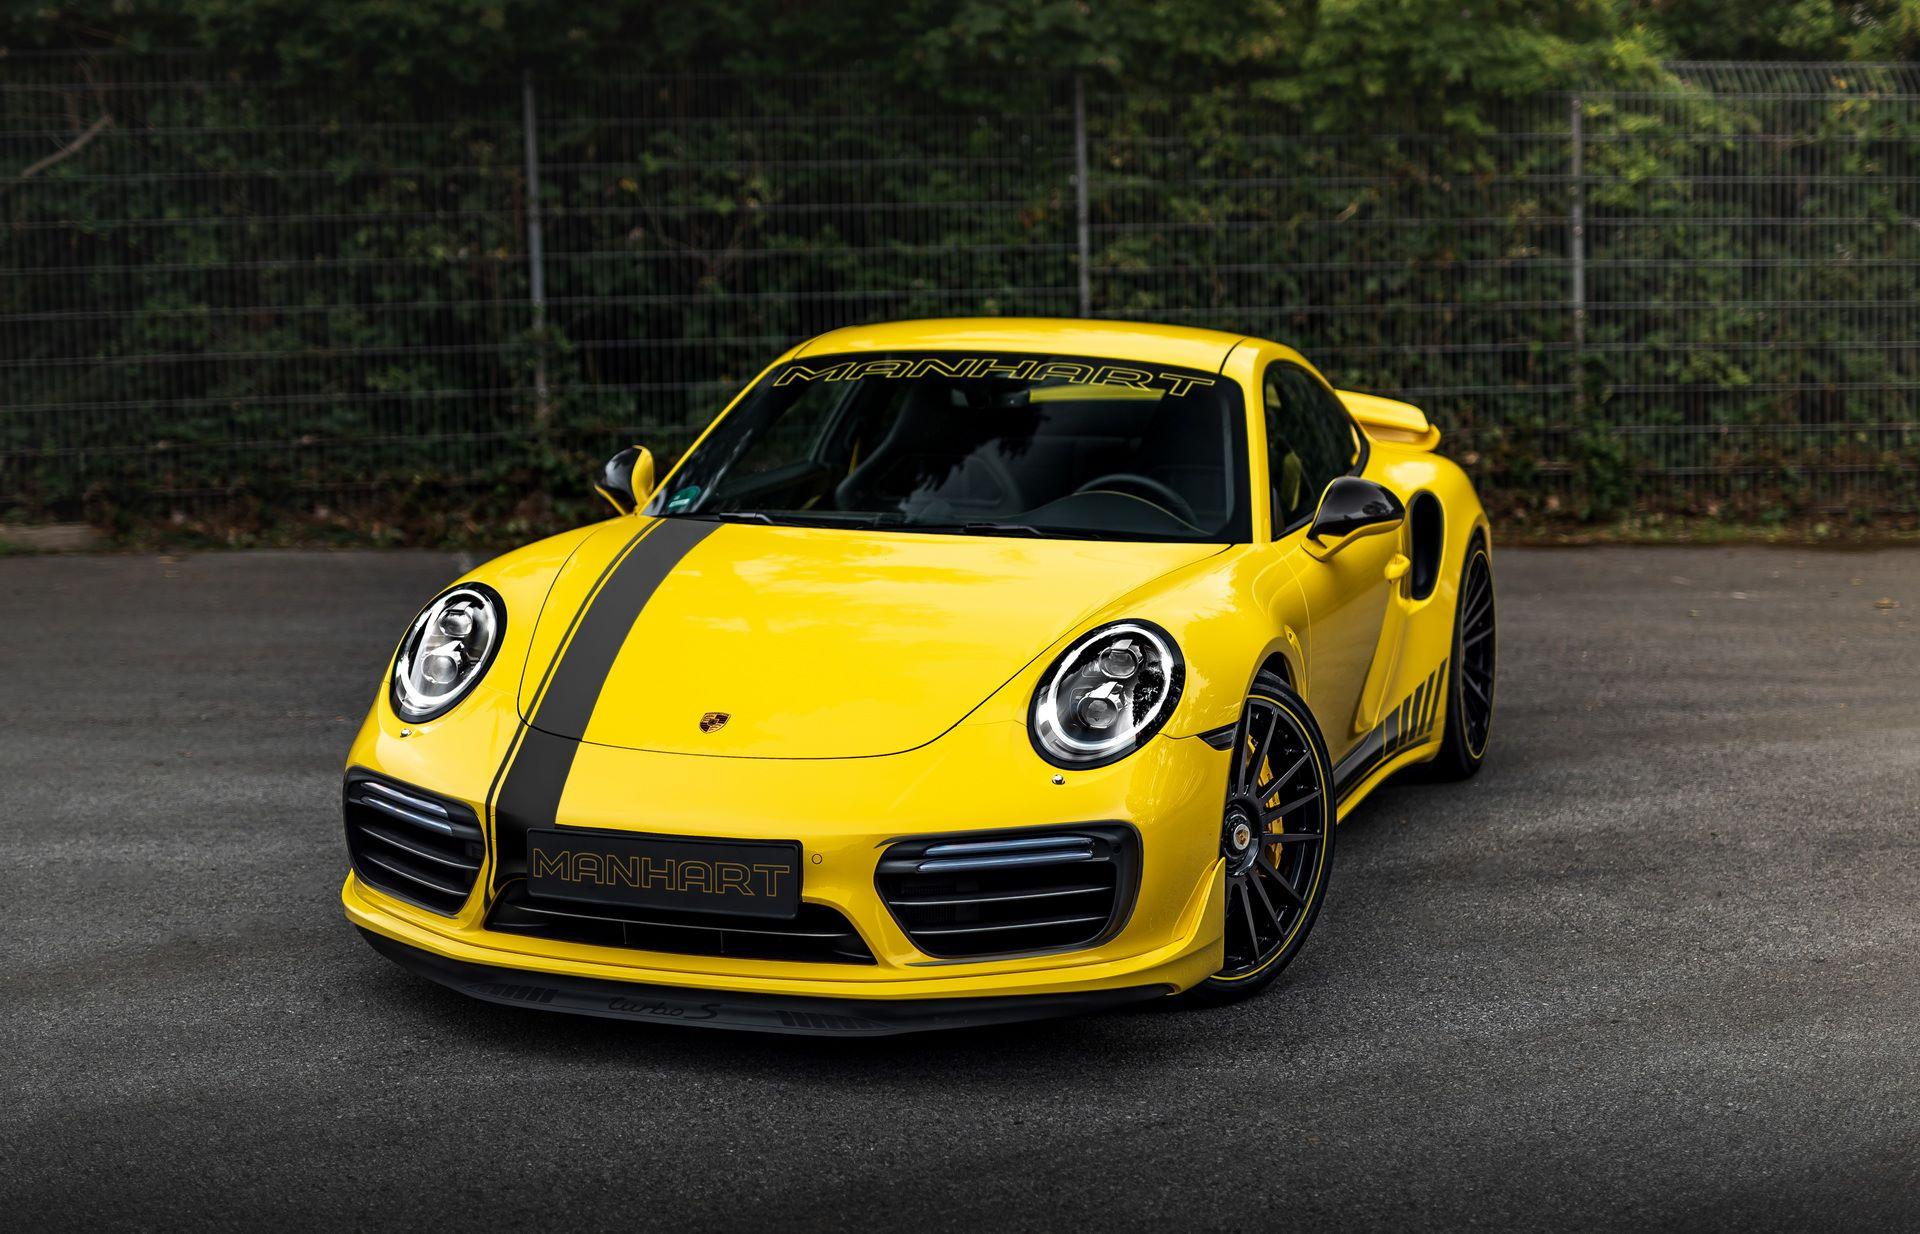 Porsche-911-Turbo-S-by-Manhart-6